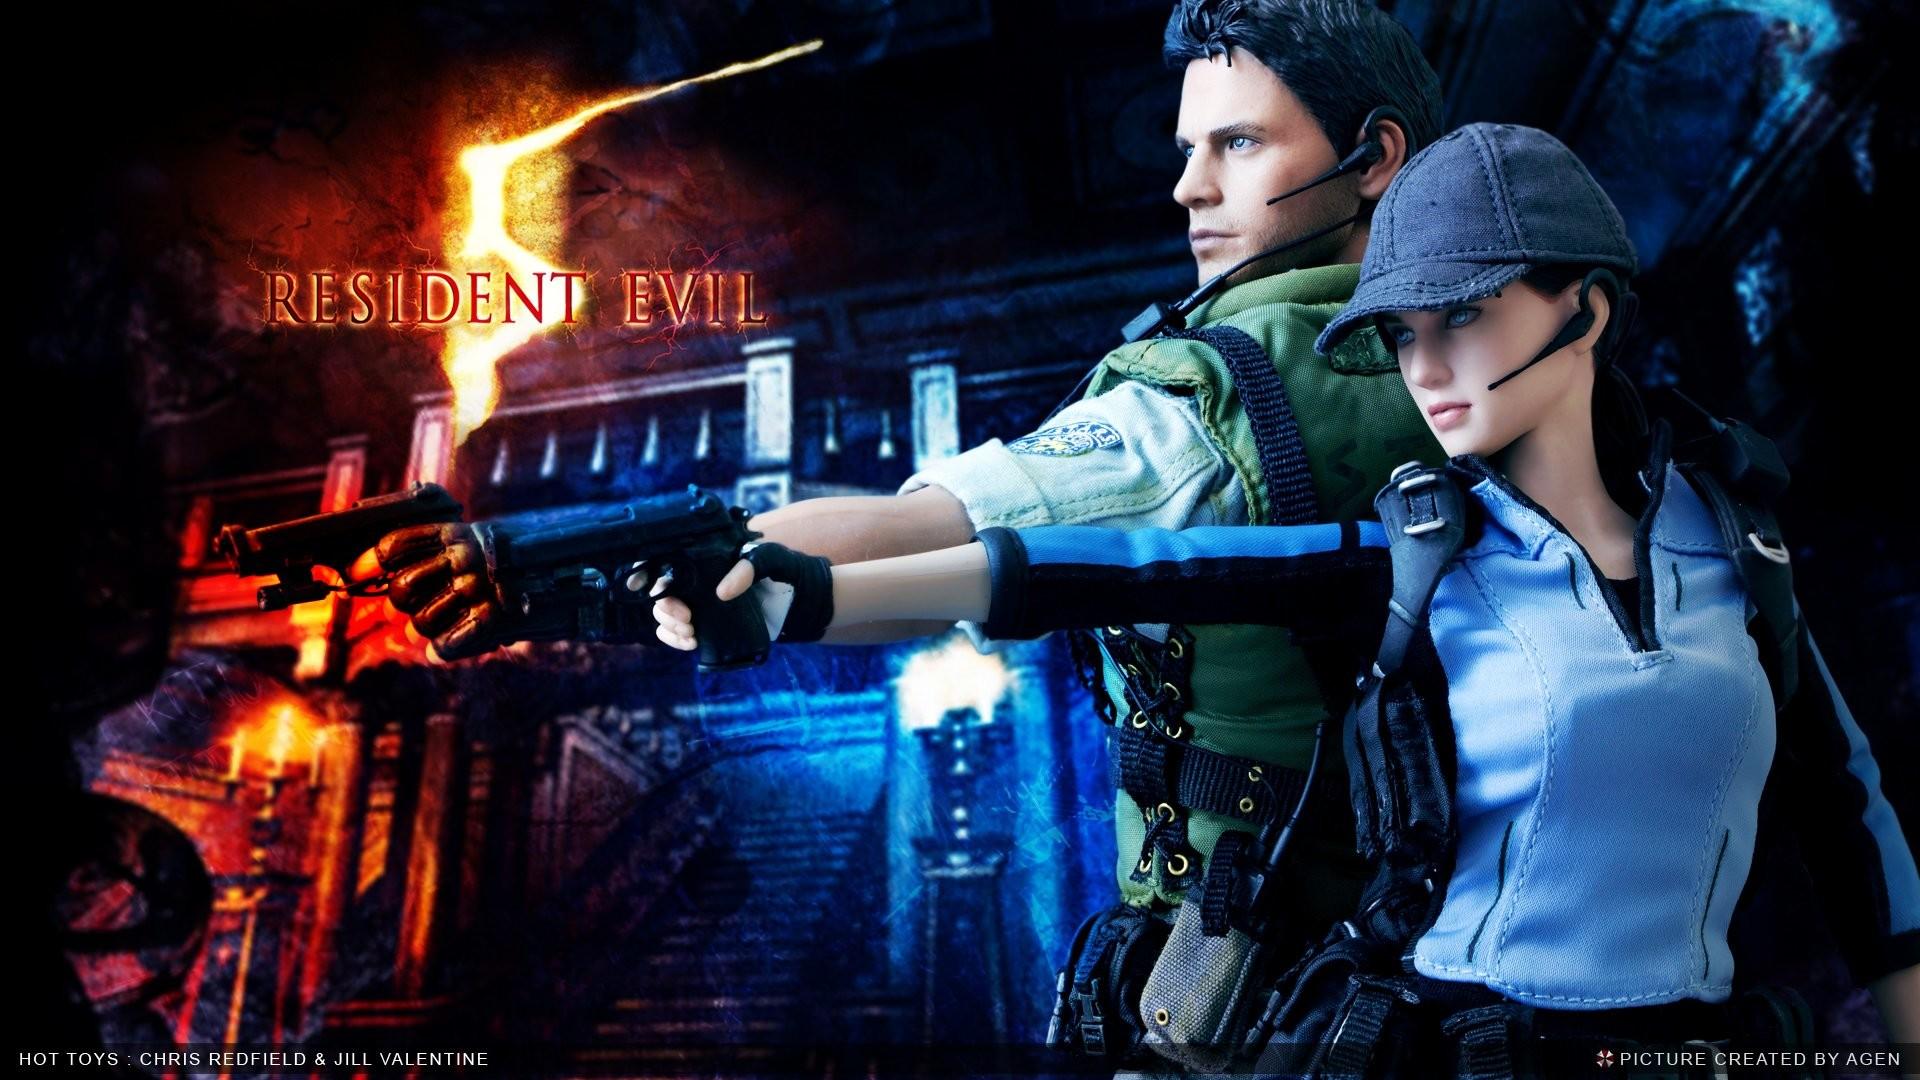 Girl Gun Desktop Wallpaper Resident Evil Jill Valentine Wallpaper 76 Images